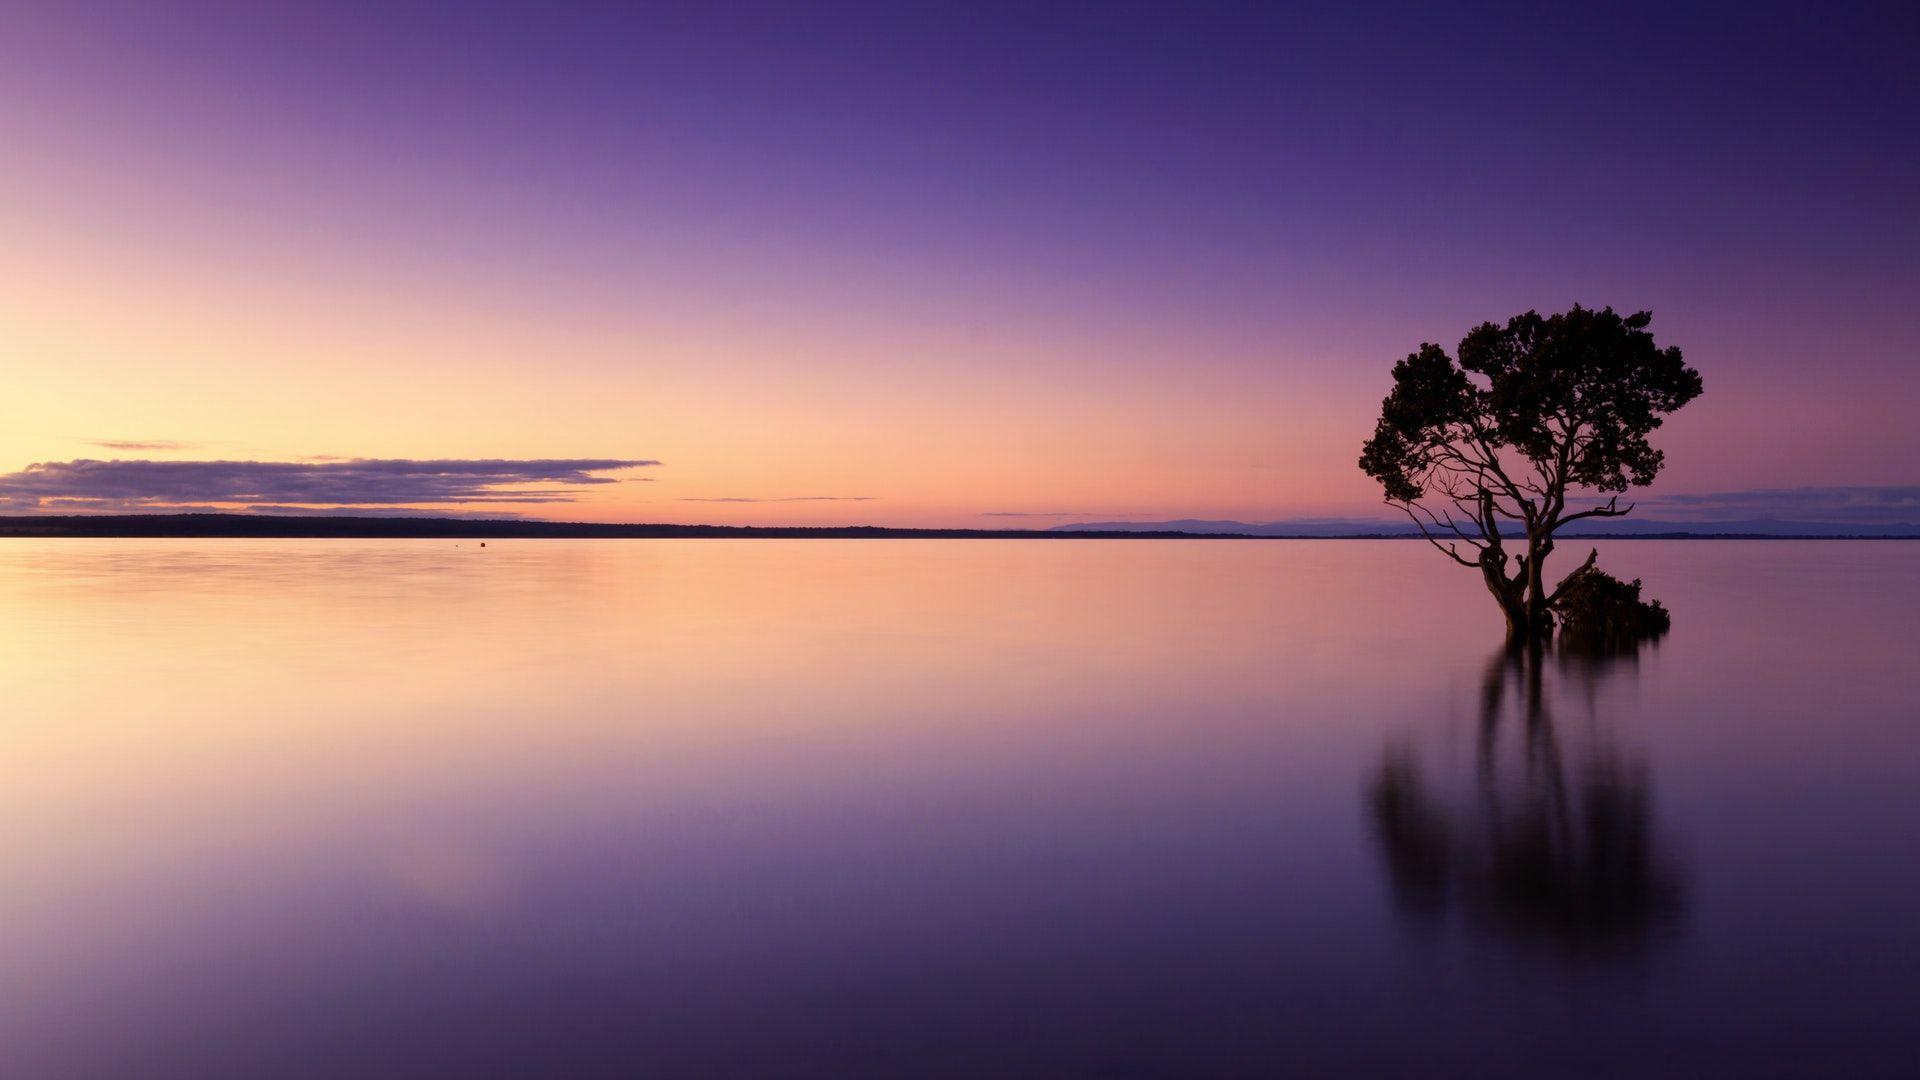 عکس زمینه منظره زیبای دریا در برابر آسمان در غروب آفتاب پس زمینه